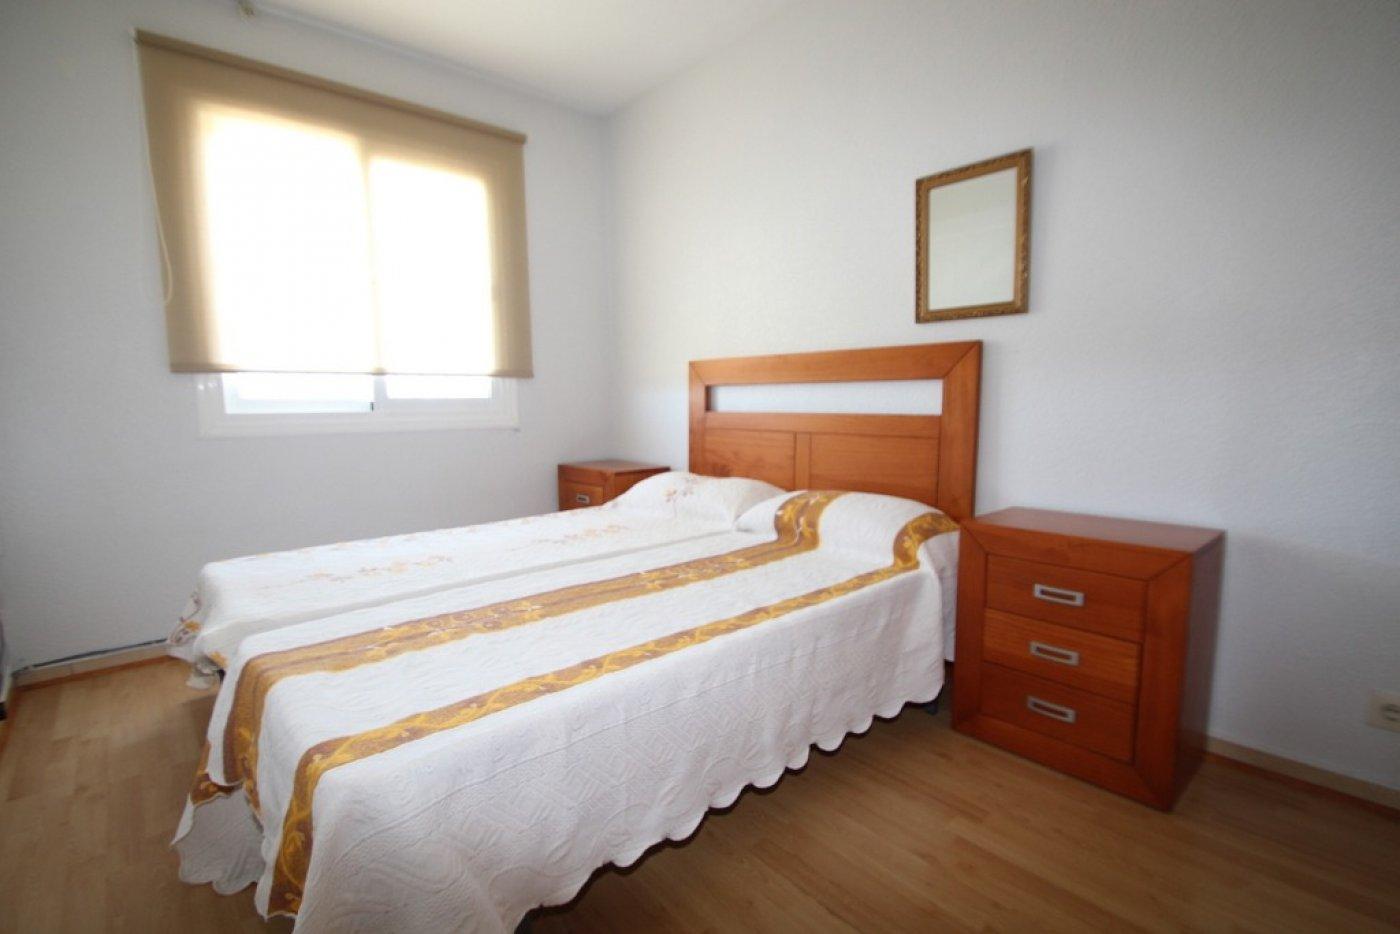 Propiedades en venta en Torrevieja, España image 6